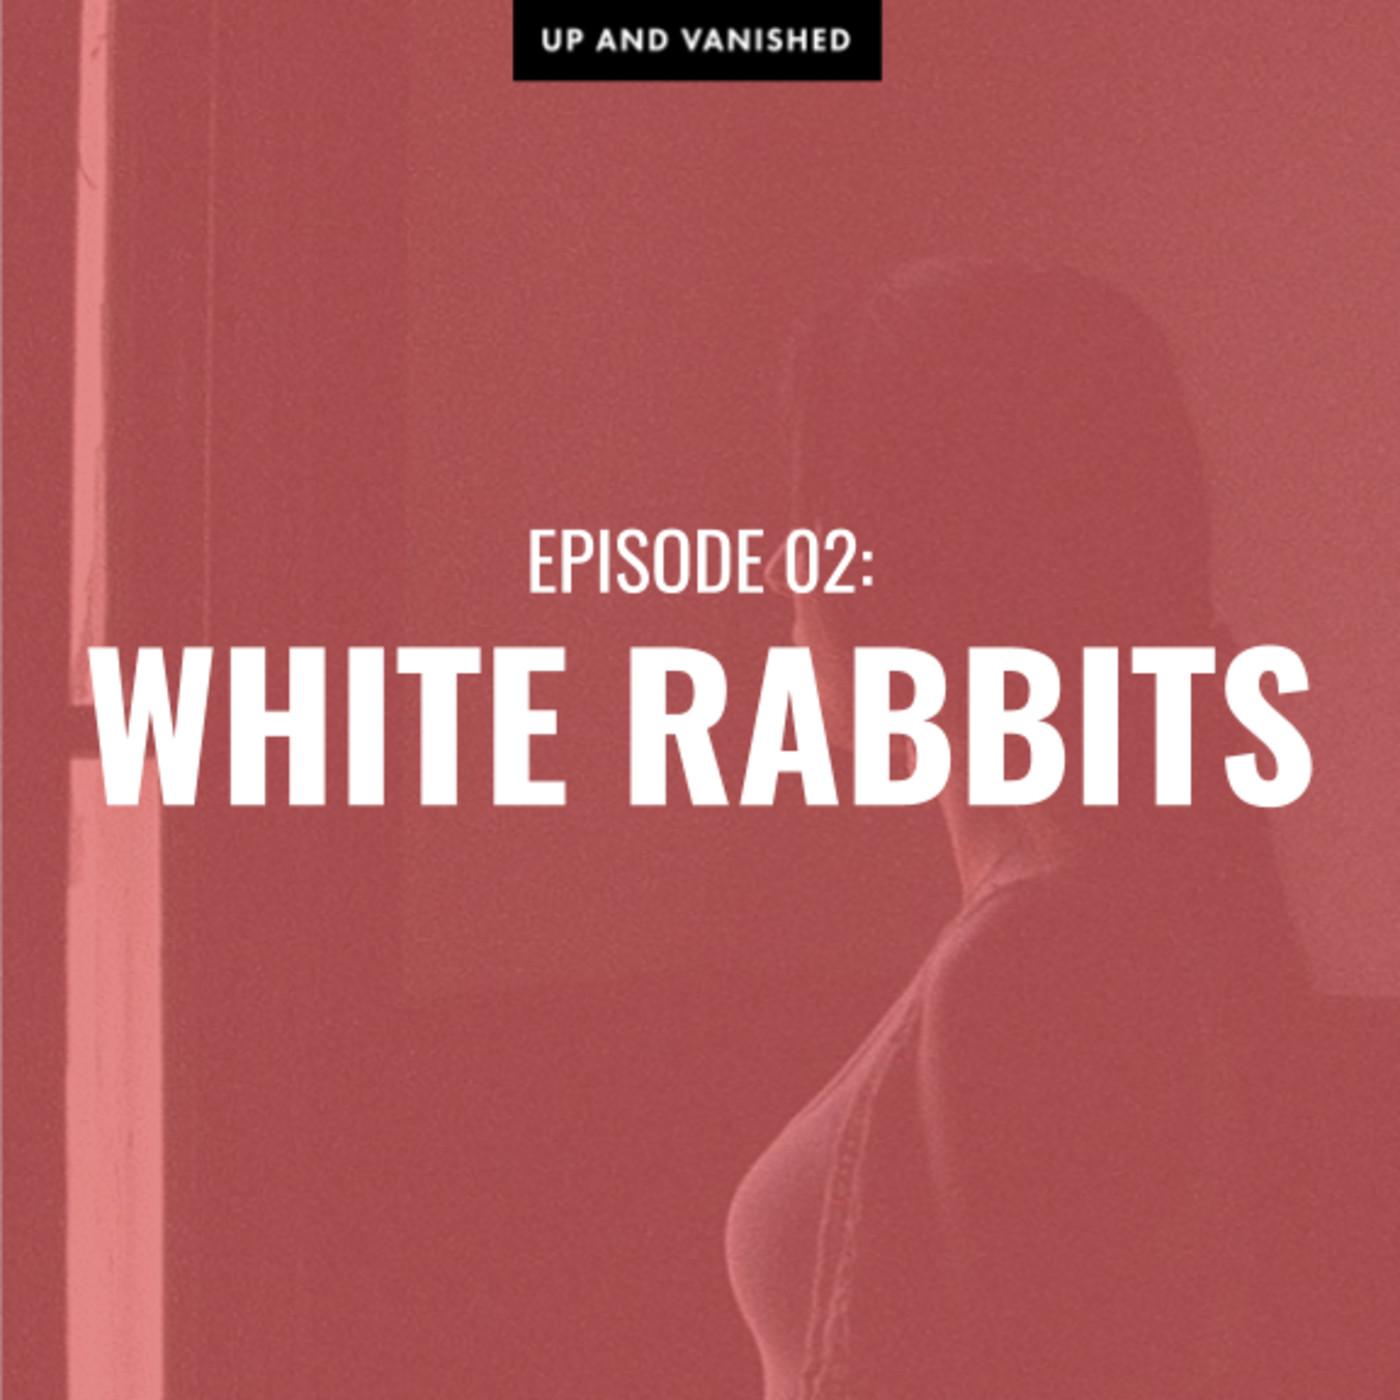 S1E2: White Rabbits